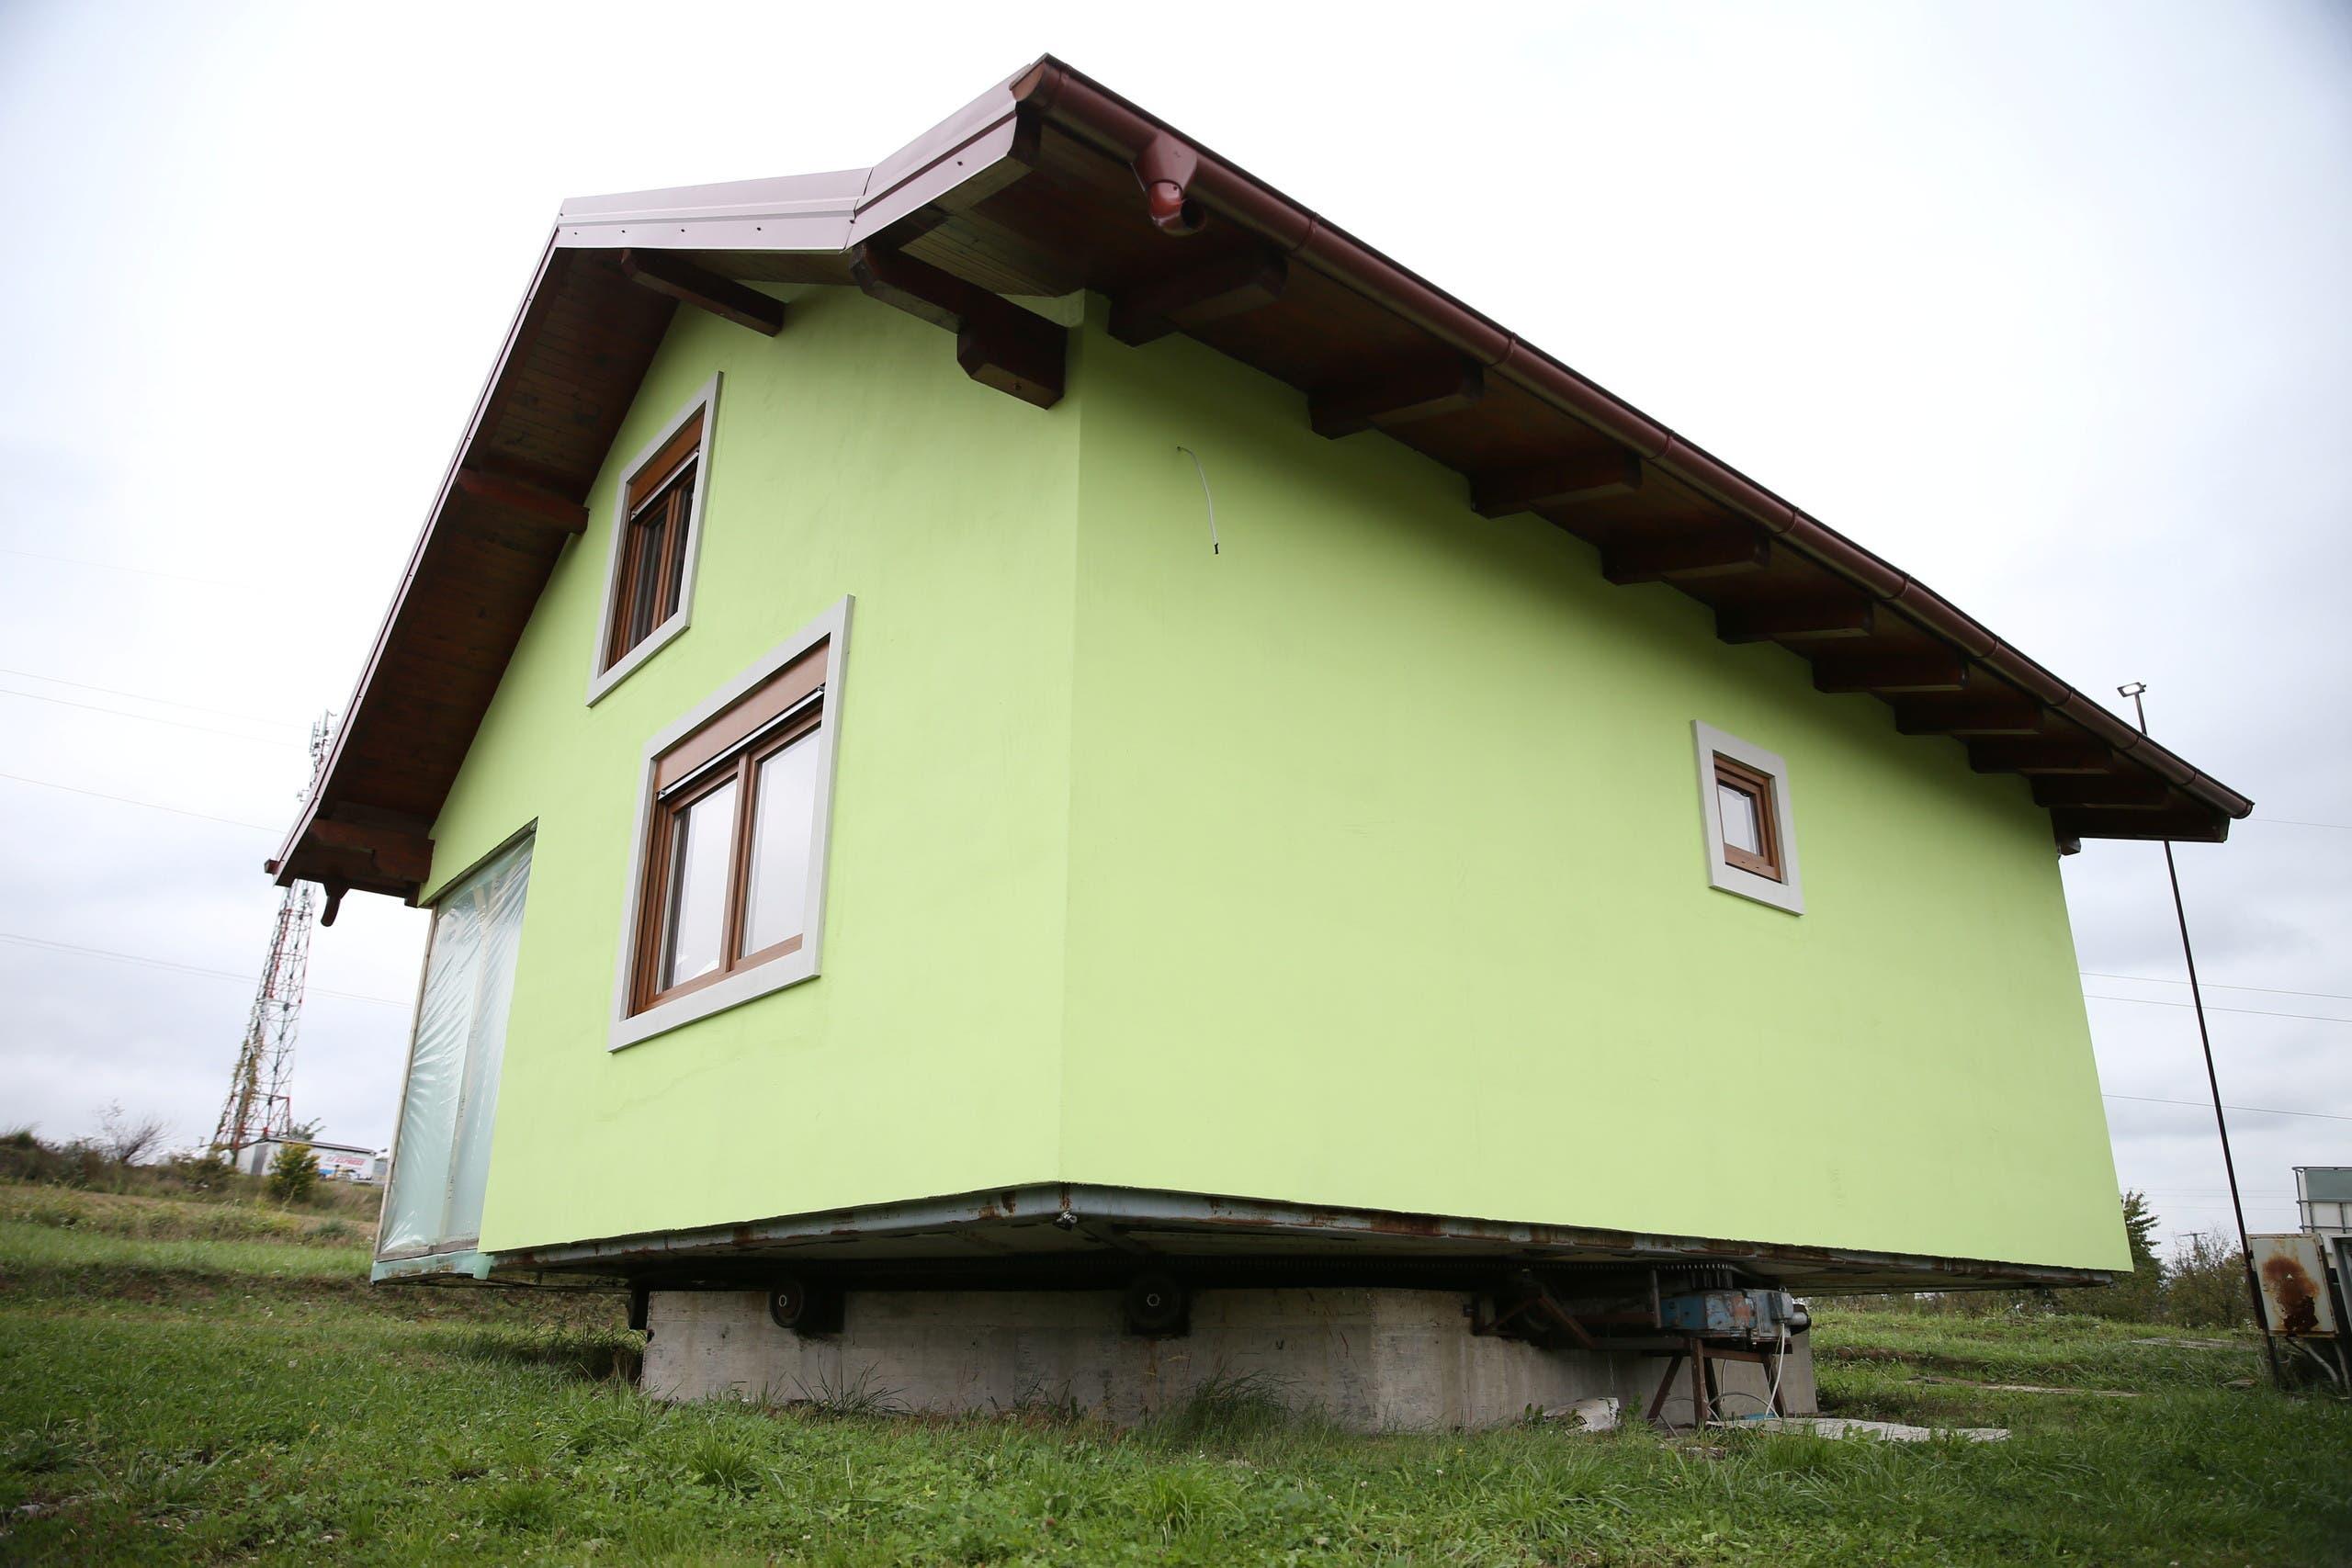 المنزل الذي بناه فوجين كوسيتش لزوجته